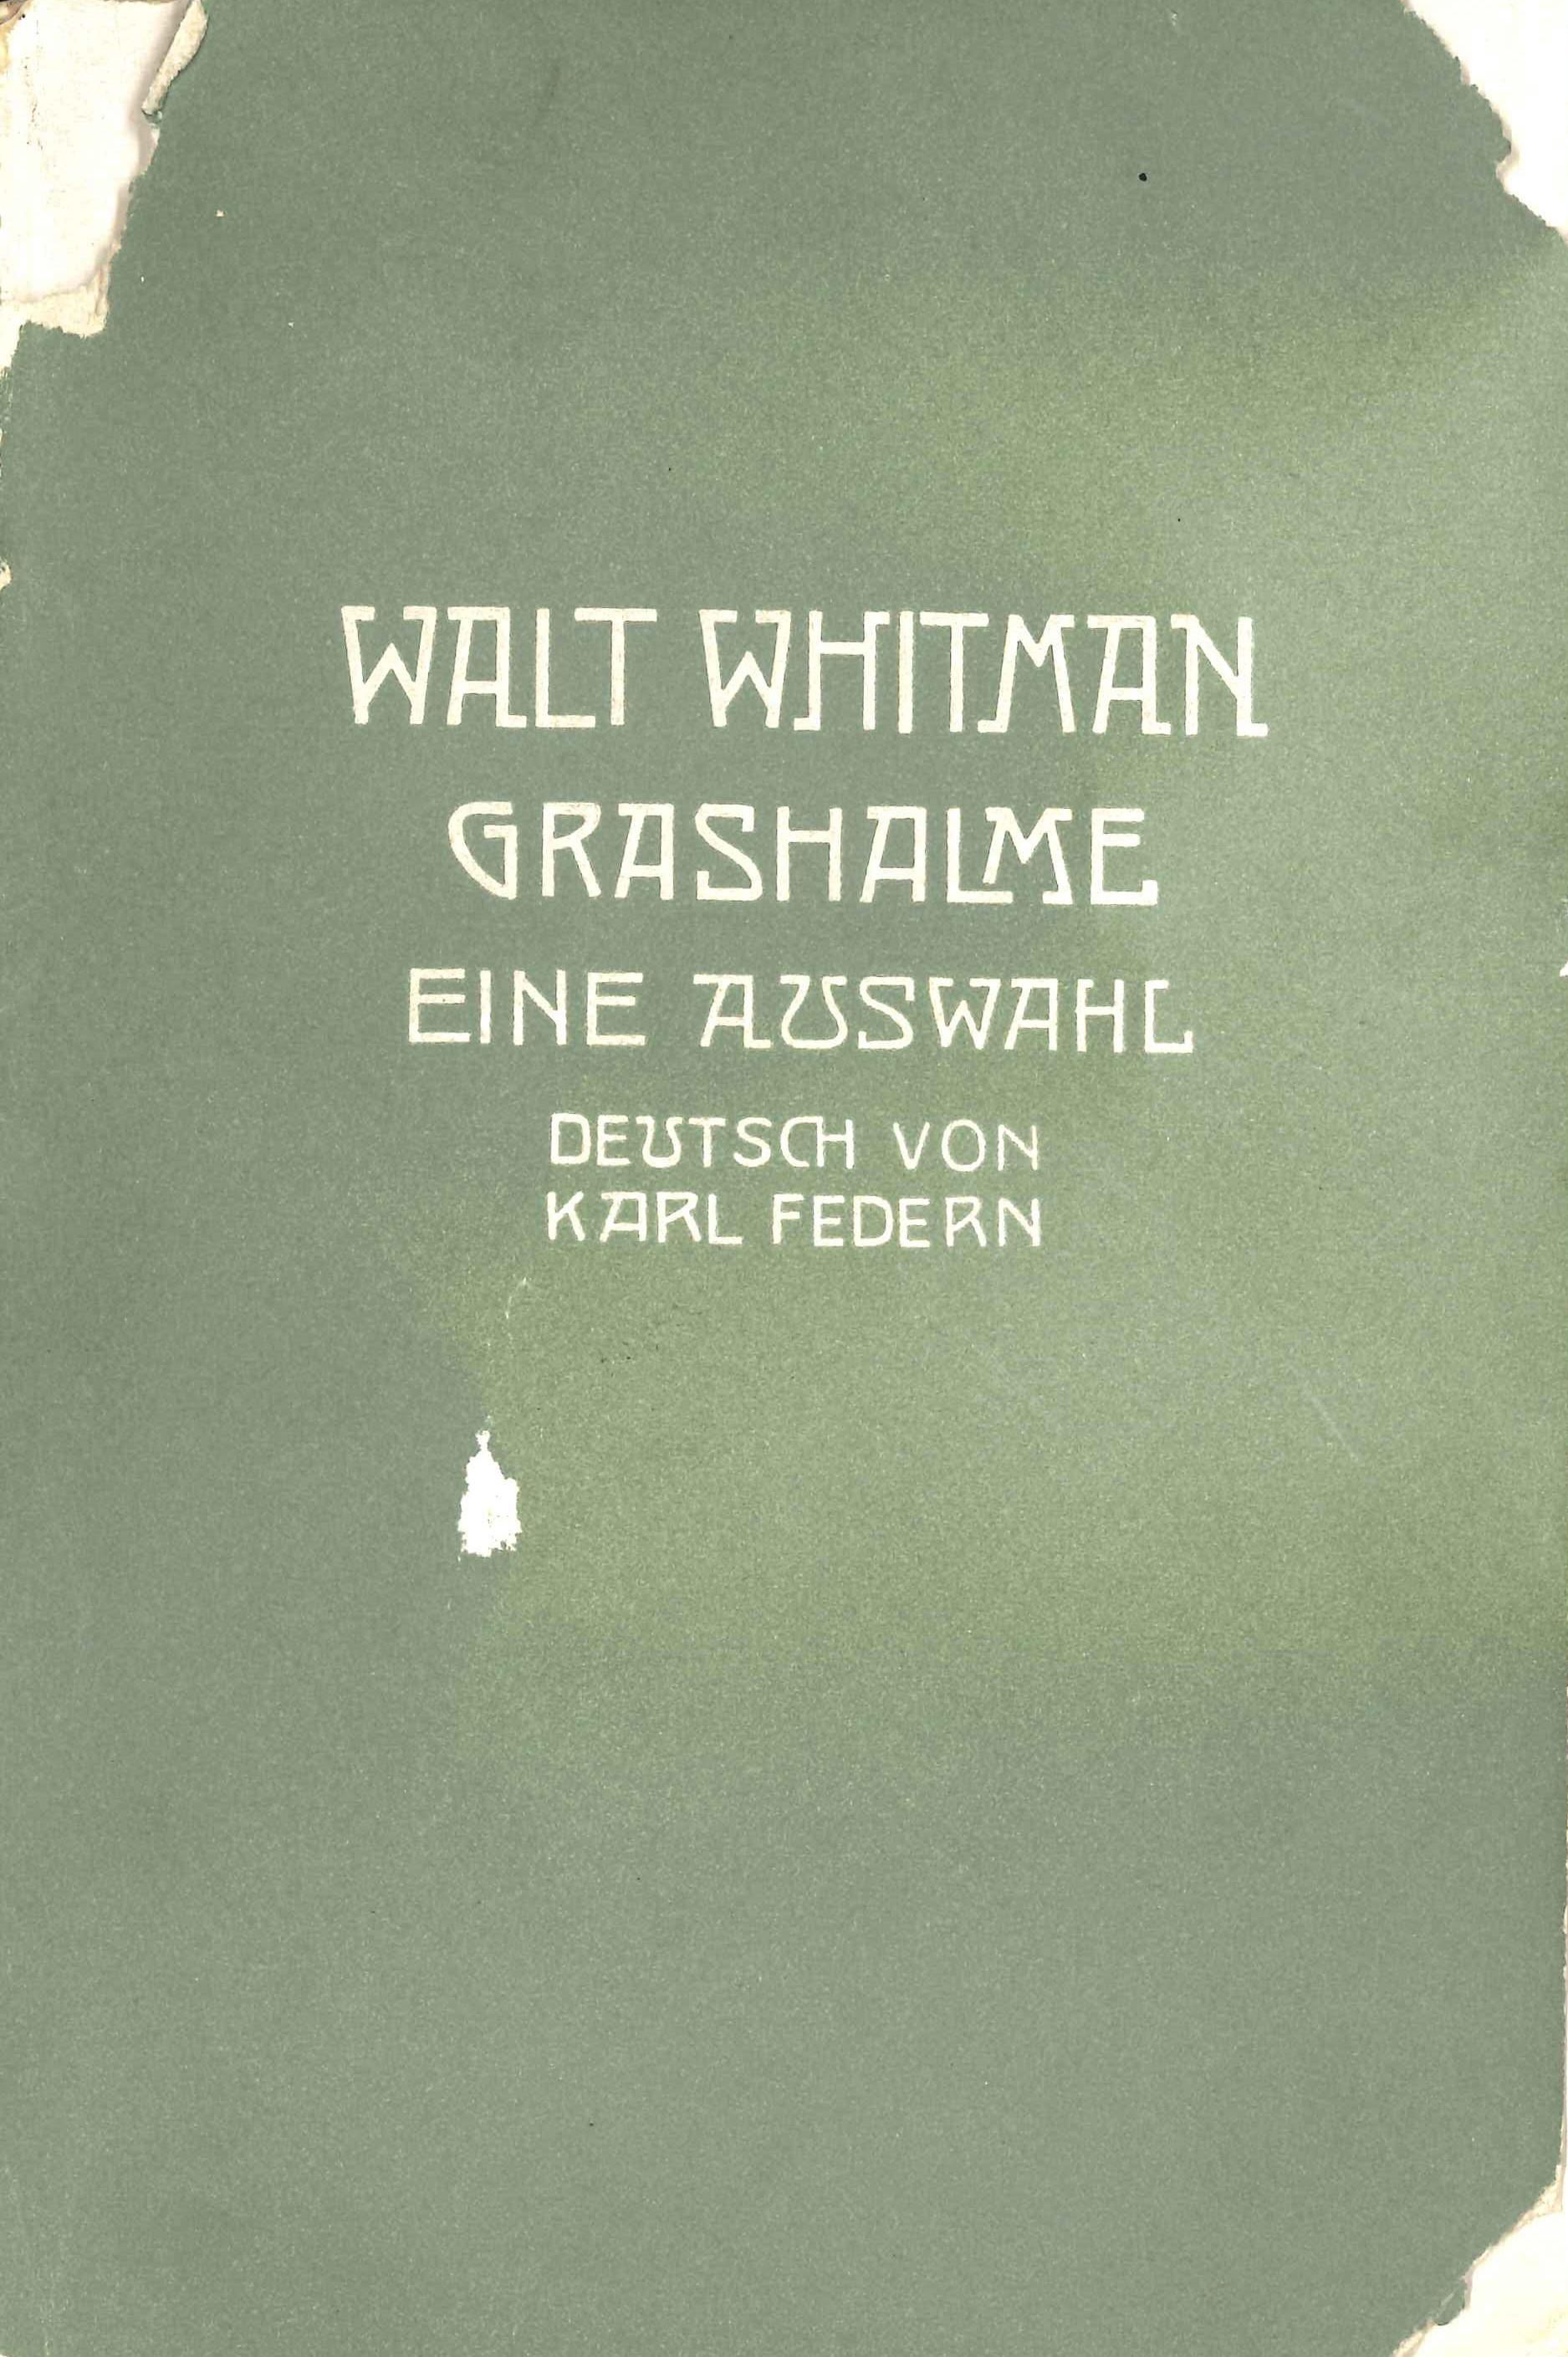 Walt Whitman. Grashalme: Eine Auswahl. Translated by Karl Federn. Minden: J.C.C. Brun, 1904.